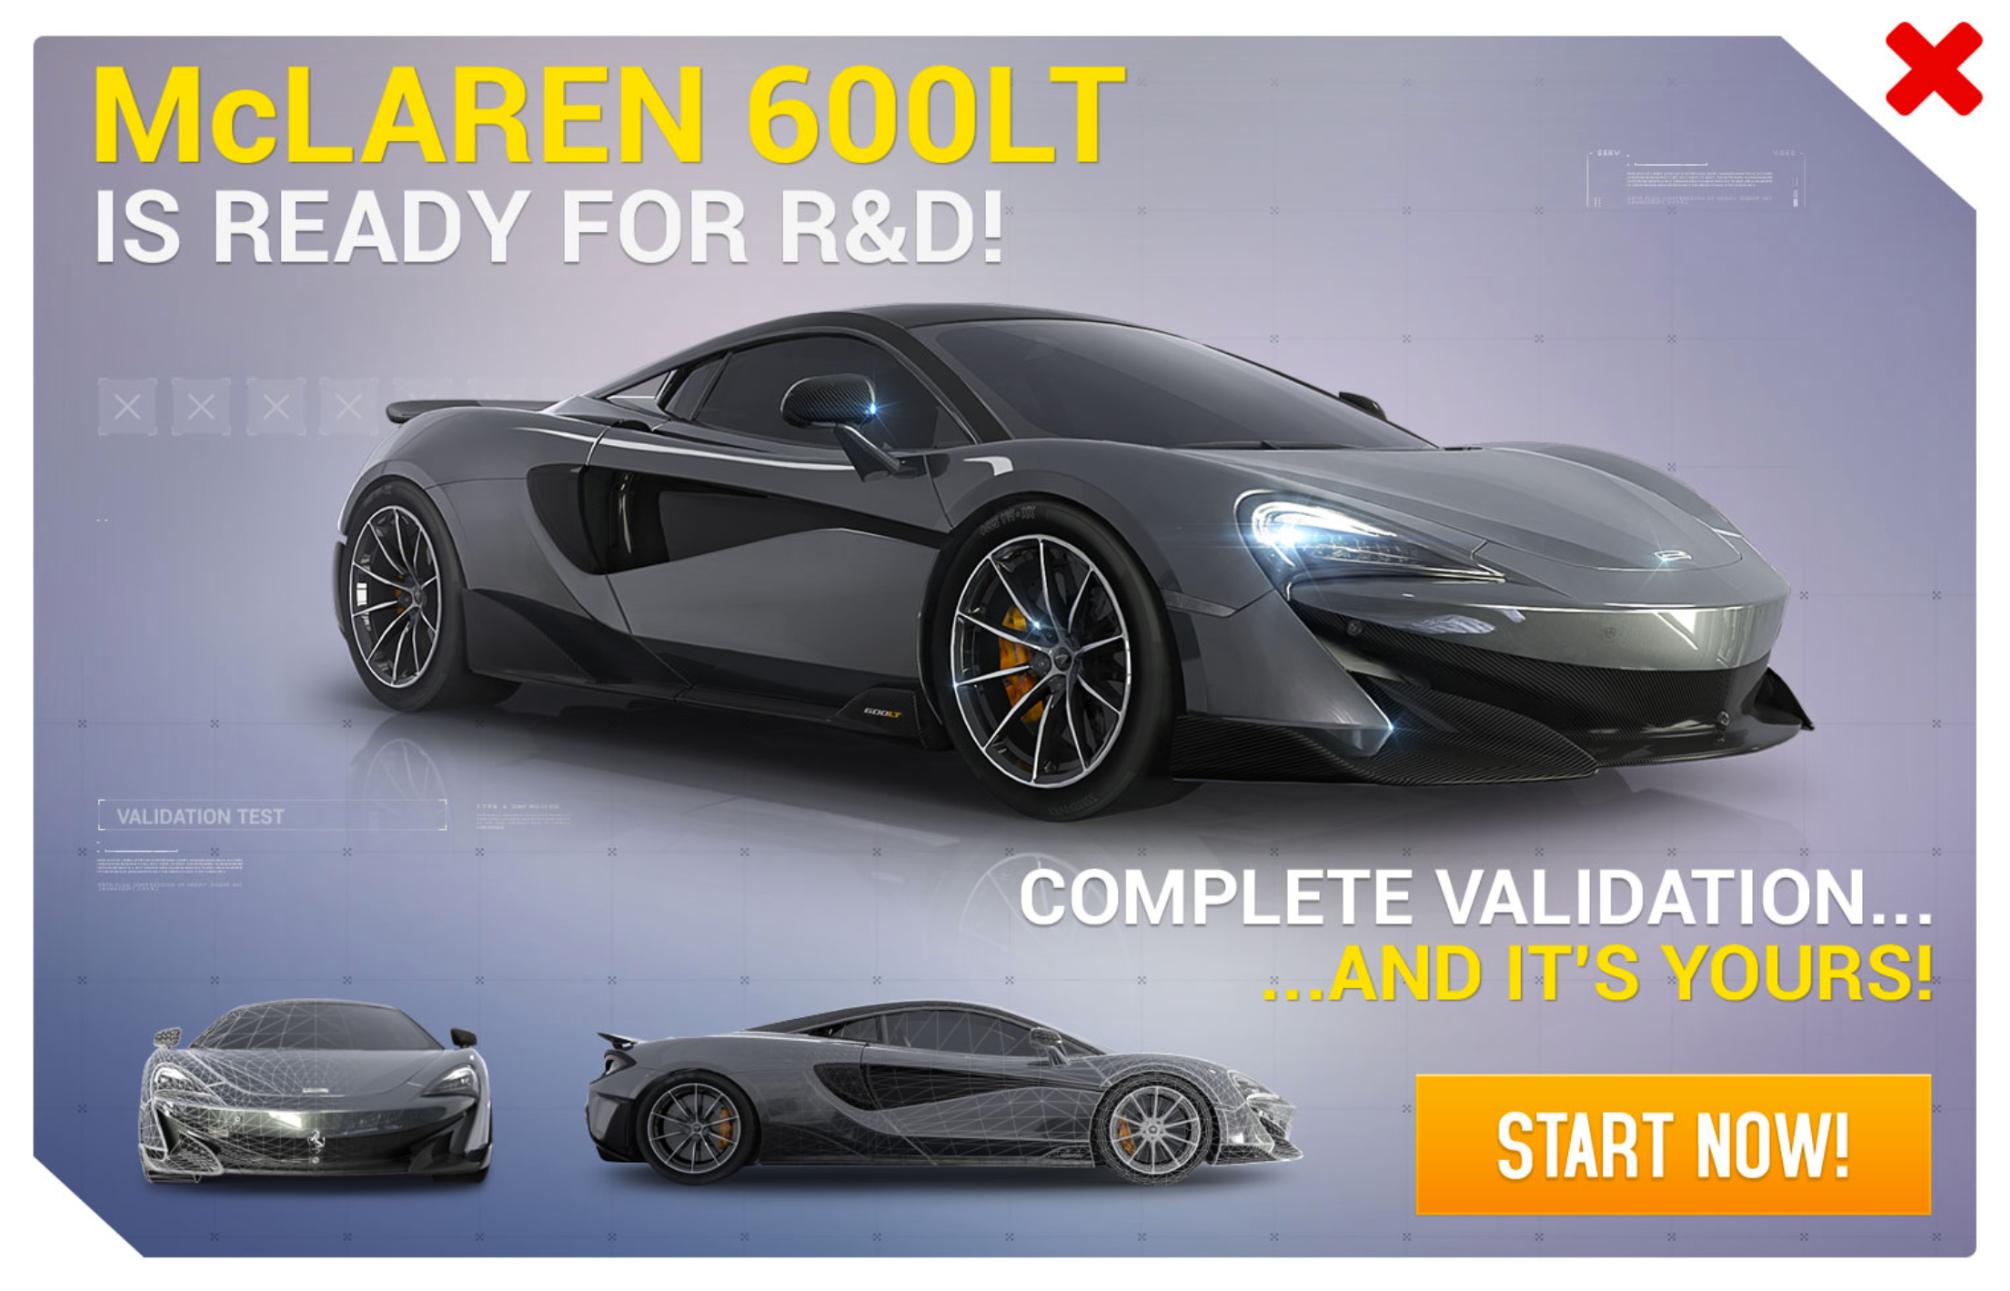 McLaren 600LT (Research & Development)